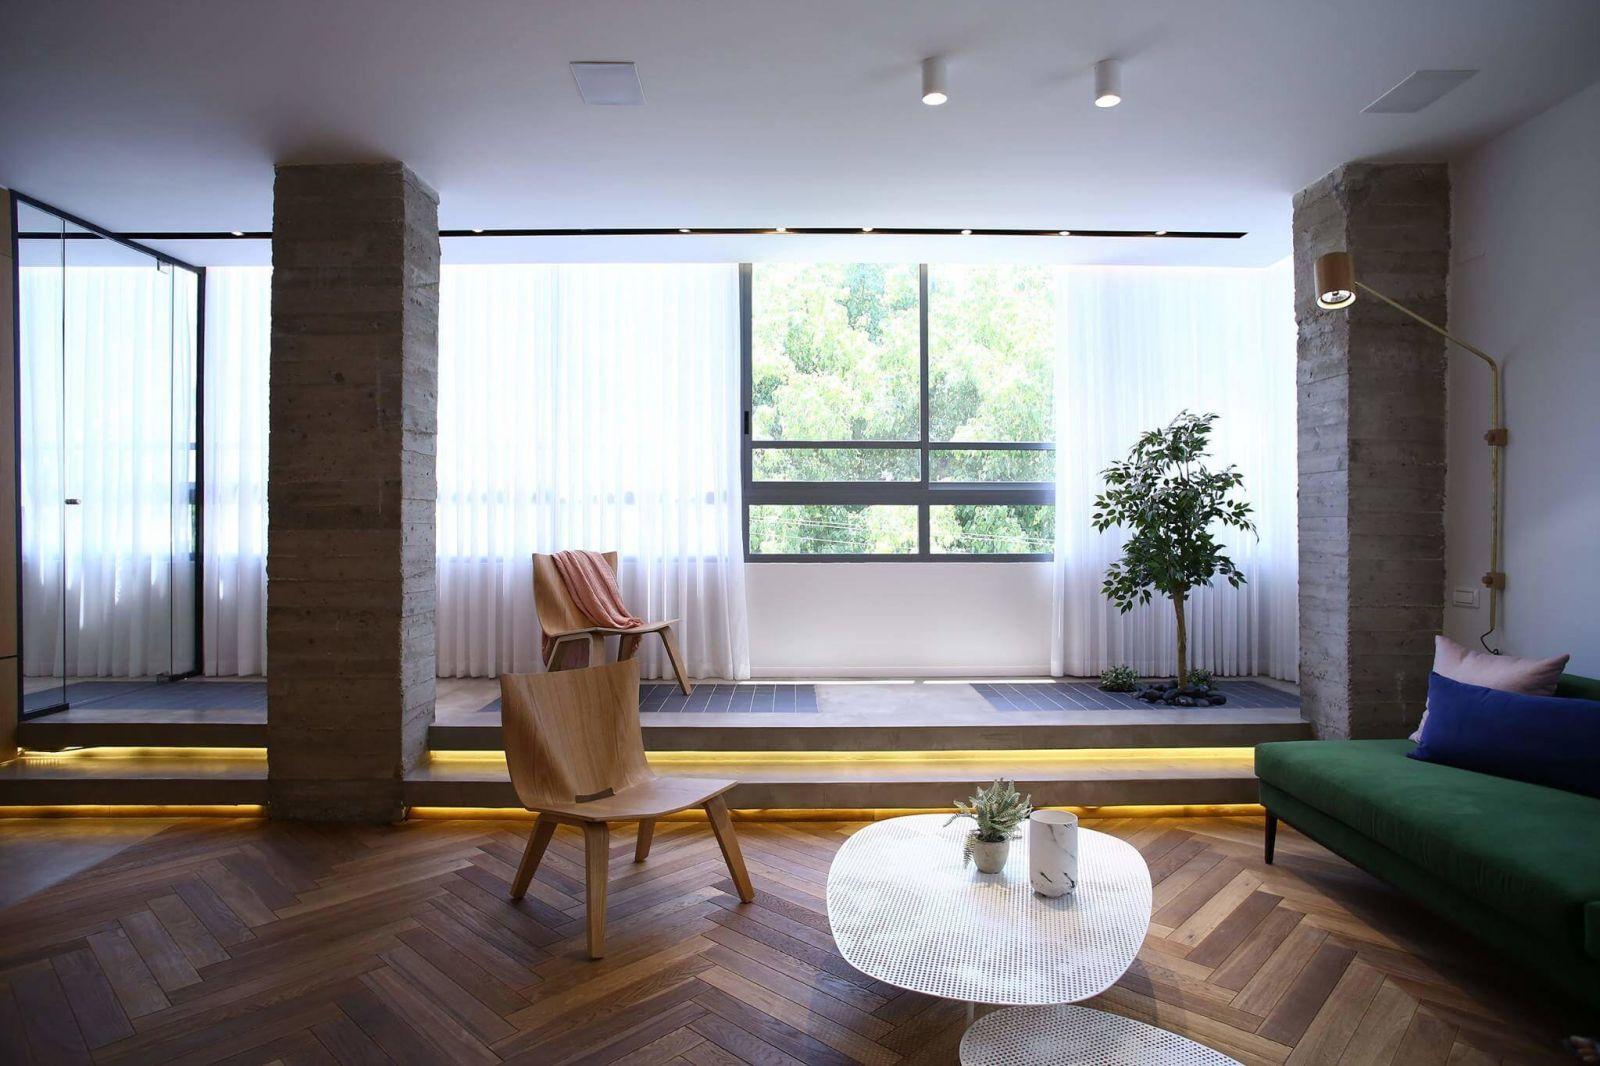 Массивные бетонные колоны прекрасно вписаны в интерьер гостиной, придаютвсему пространству сдержанность и ощущение намеренной аскечности.